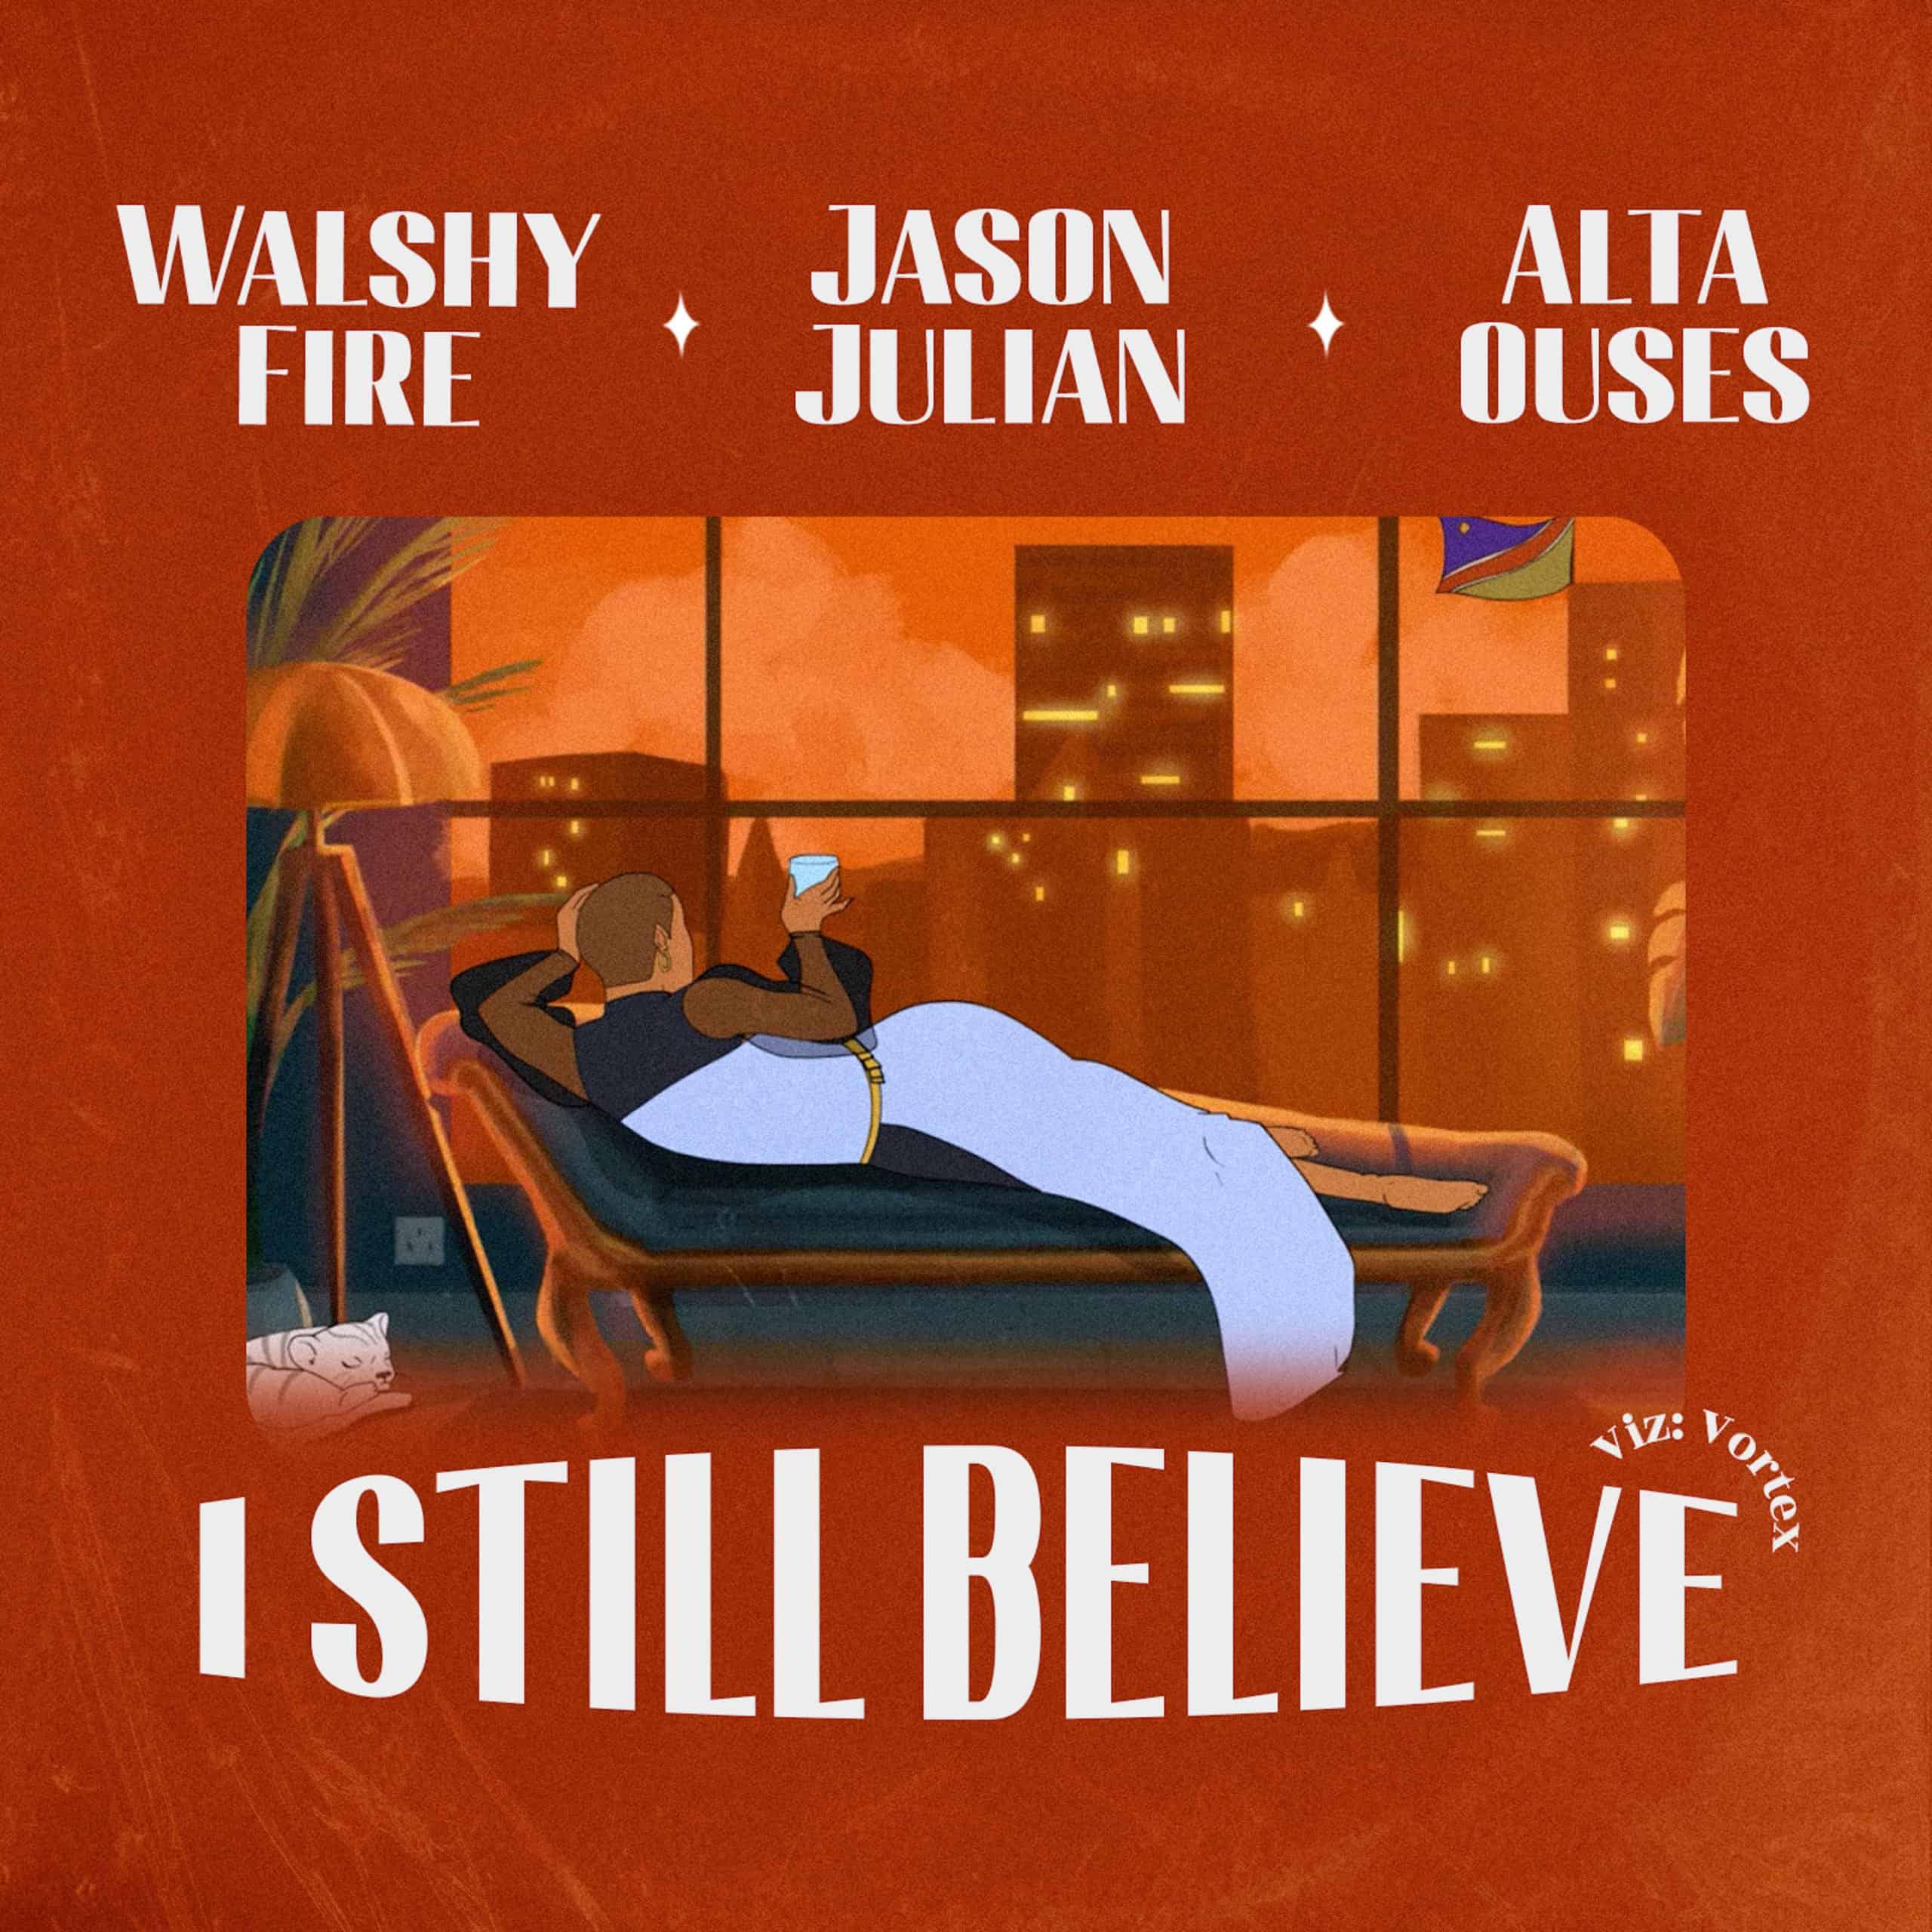 I Still Believe - Walshy Fire, Jason Julian & Alta Ouses